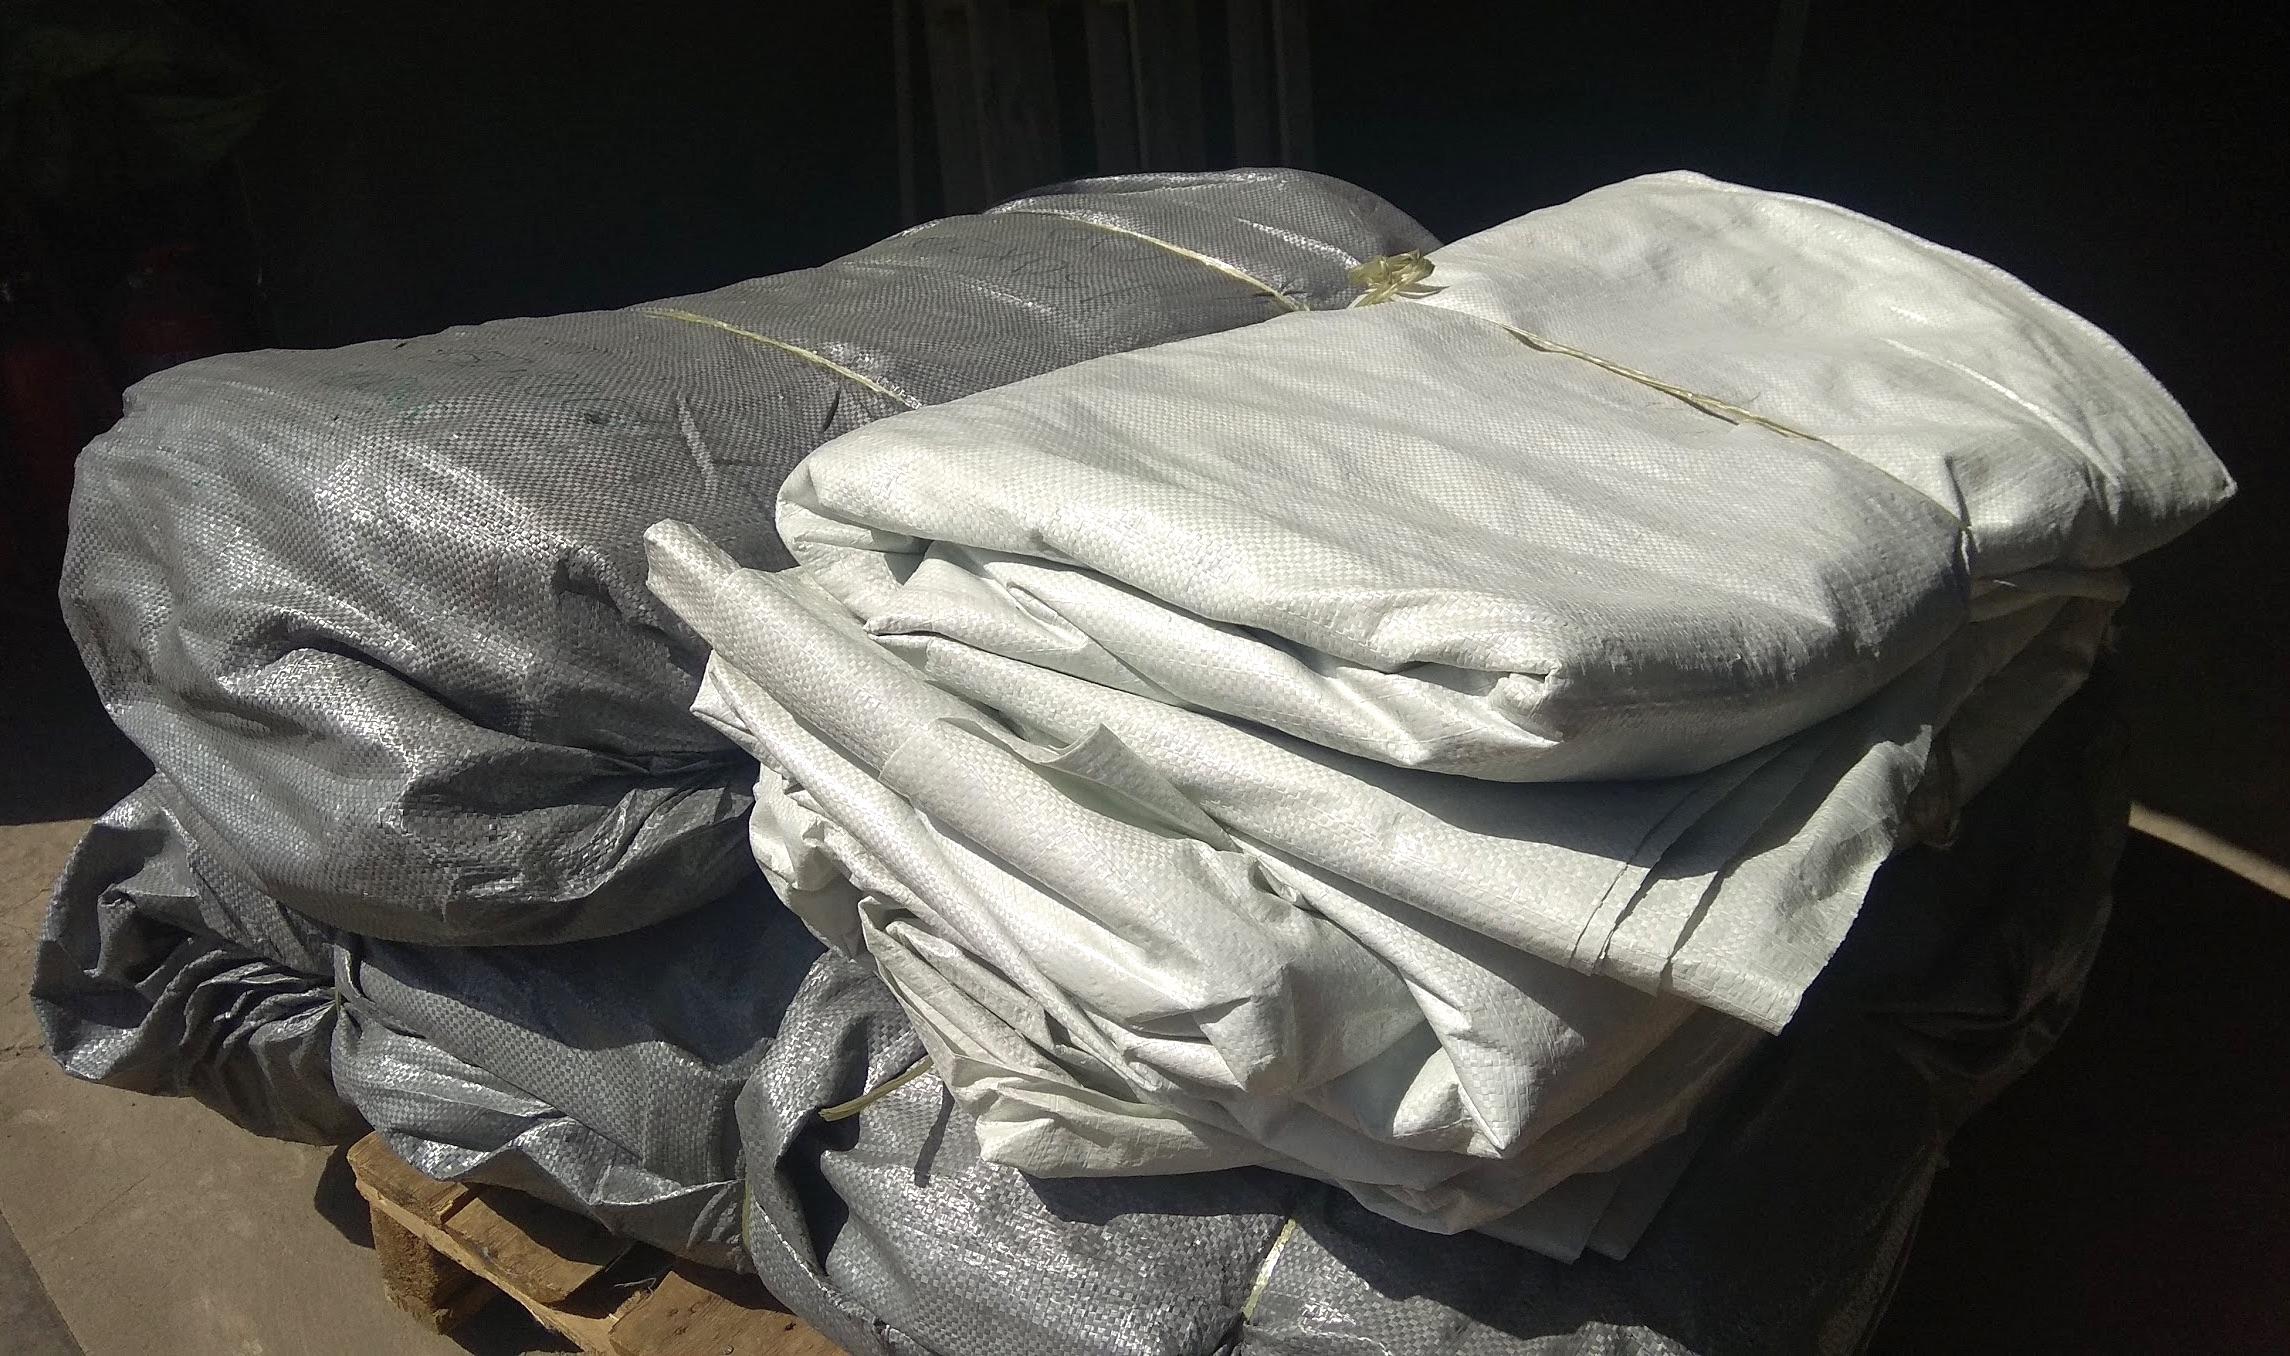 Мешки полипропиленовые  150 * 200 см. большие на 100 кг, 1 сорт. вес 360 гр